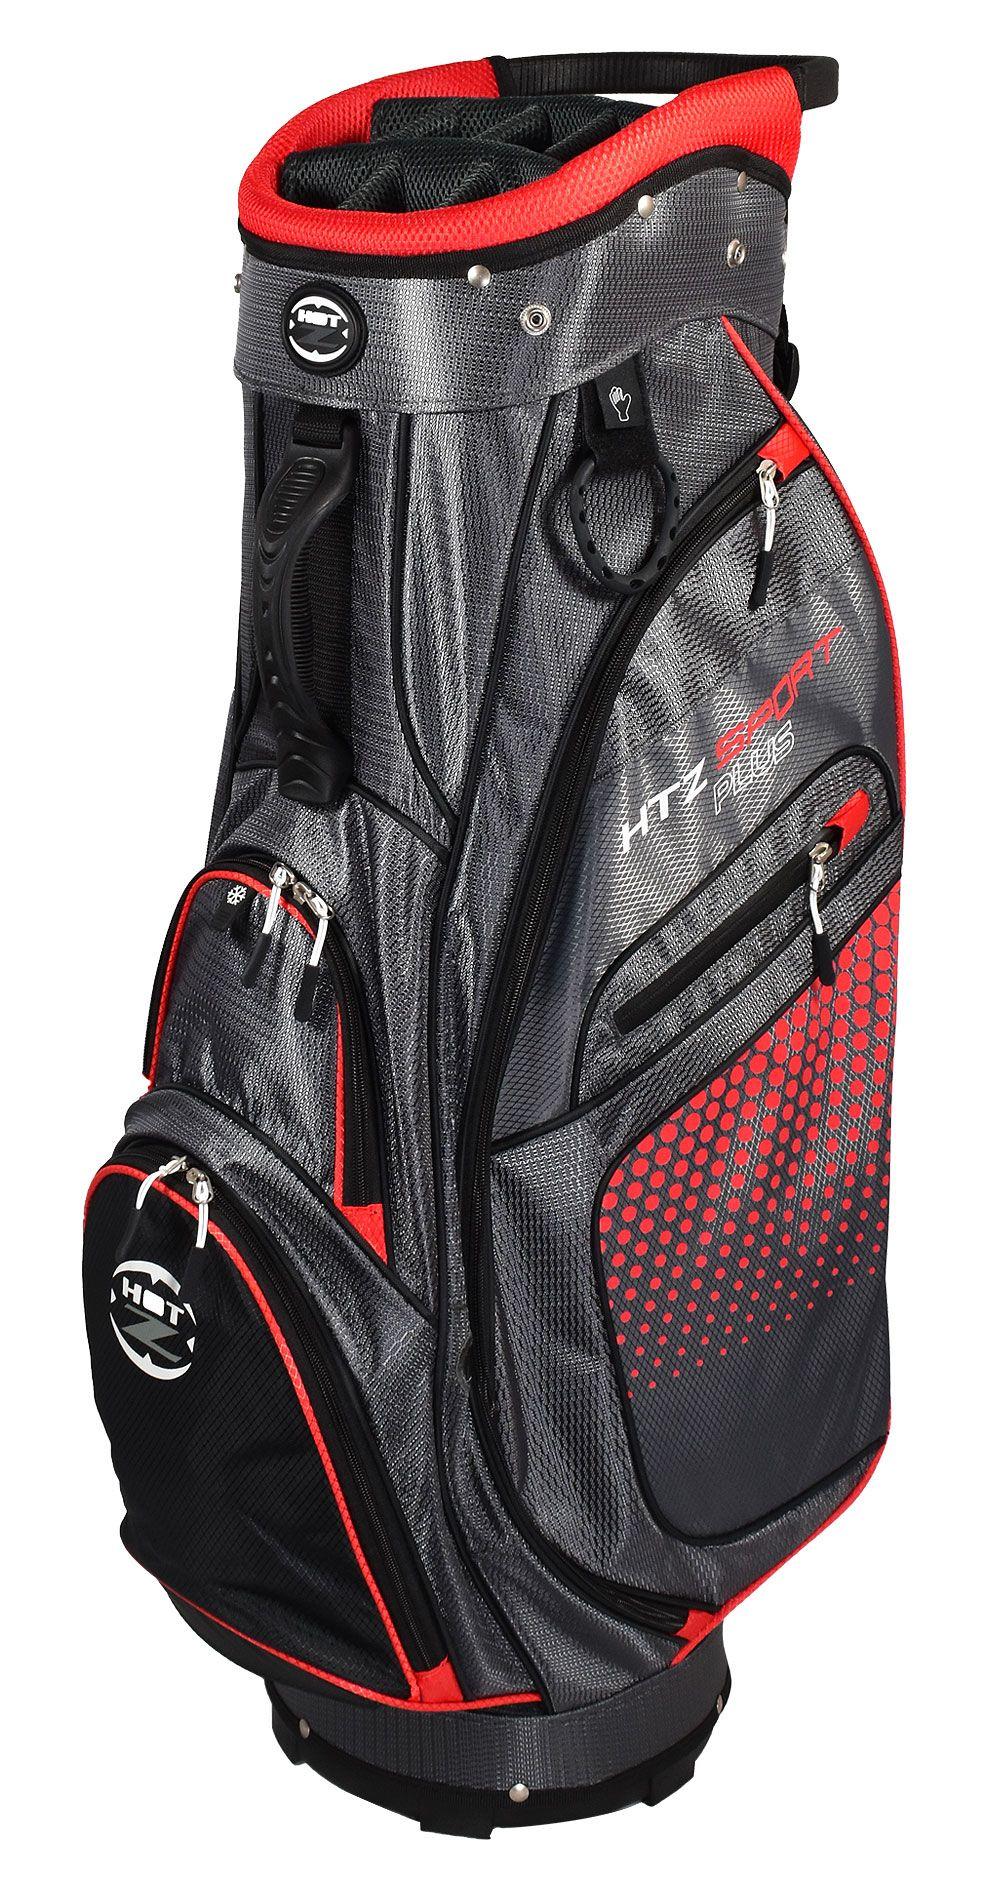 HotZ Golf HTZ Sport Plus Cart Bag Golf, Bags, Discount golf